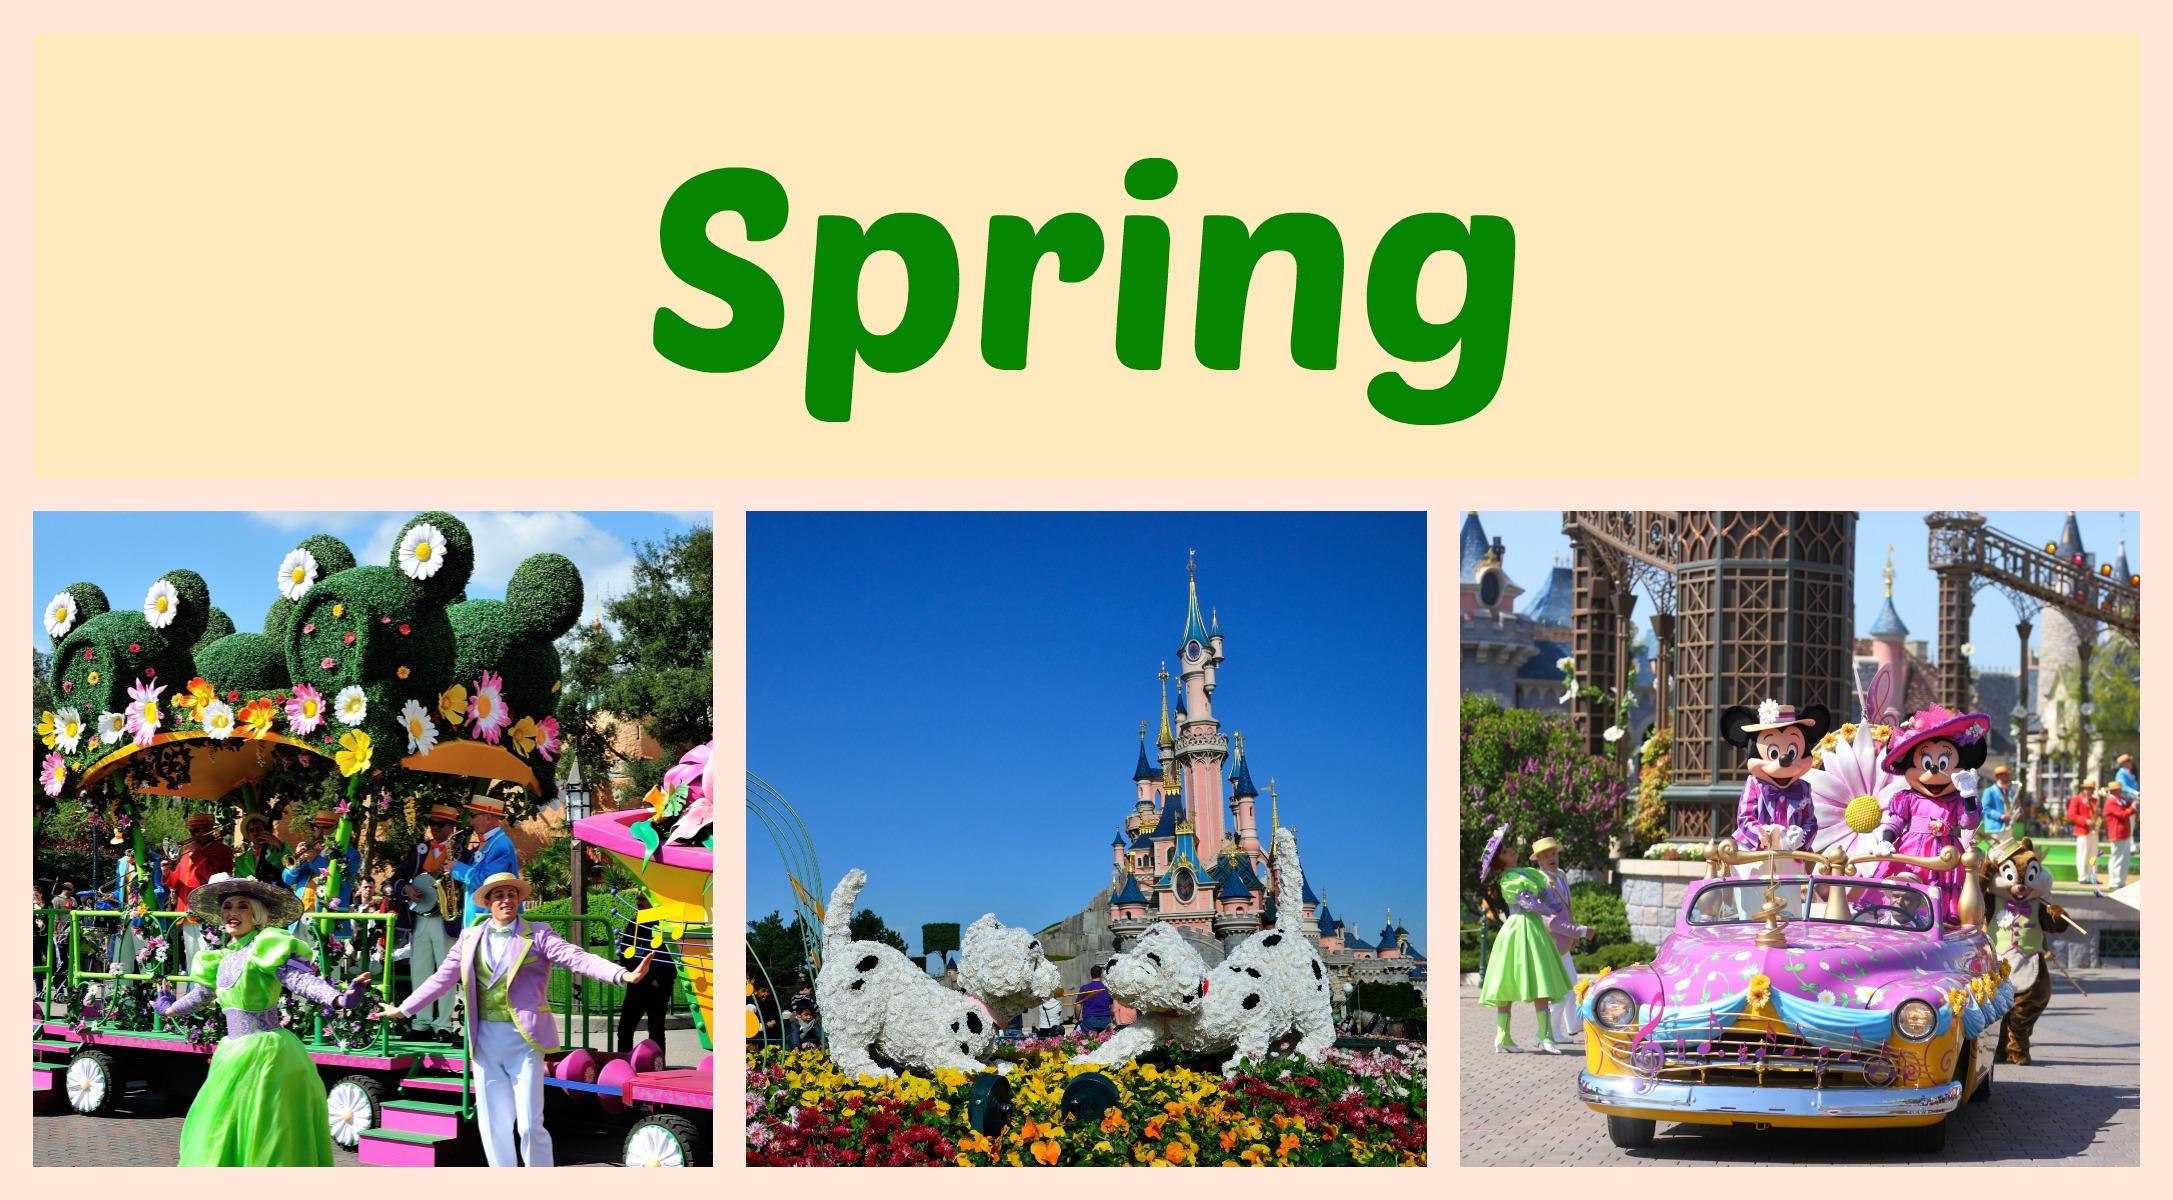 Spring at Disneyland Paris